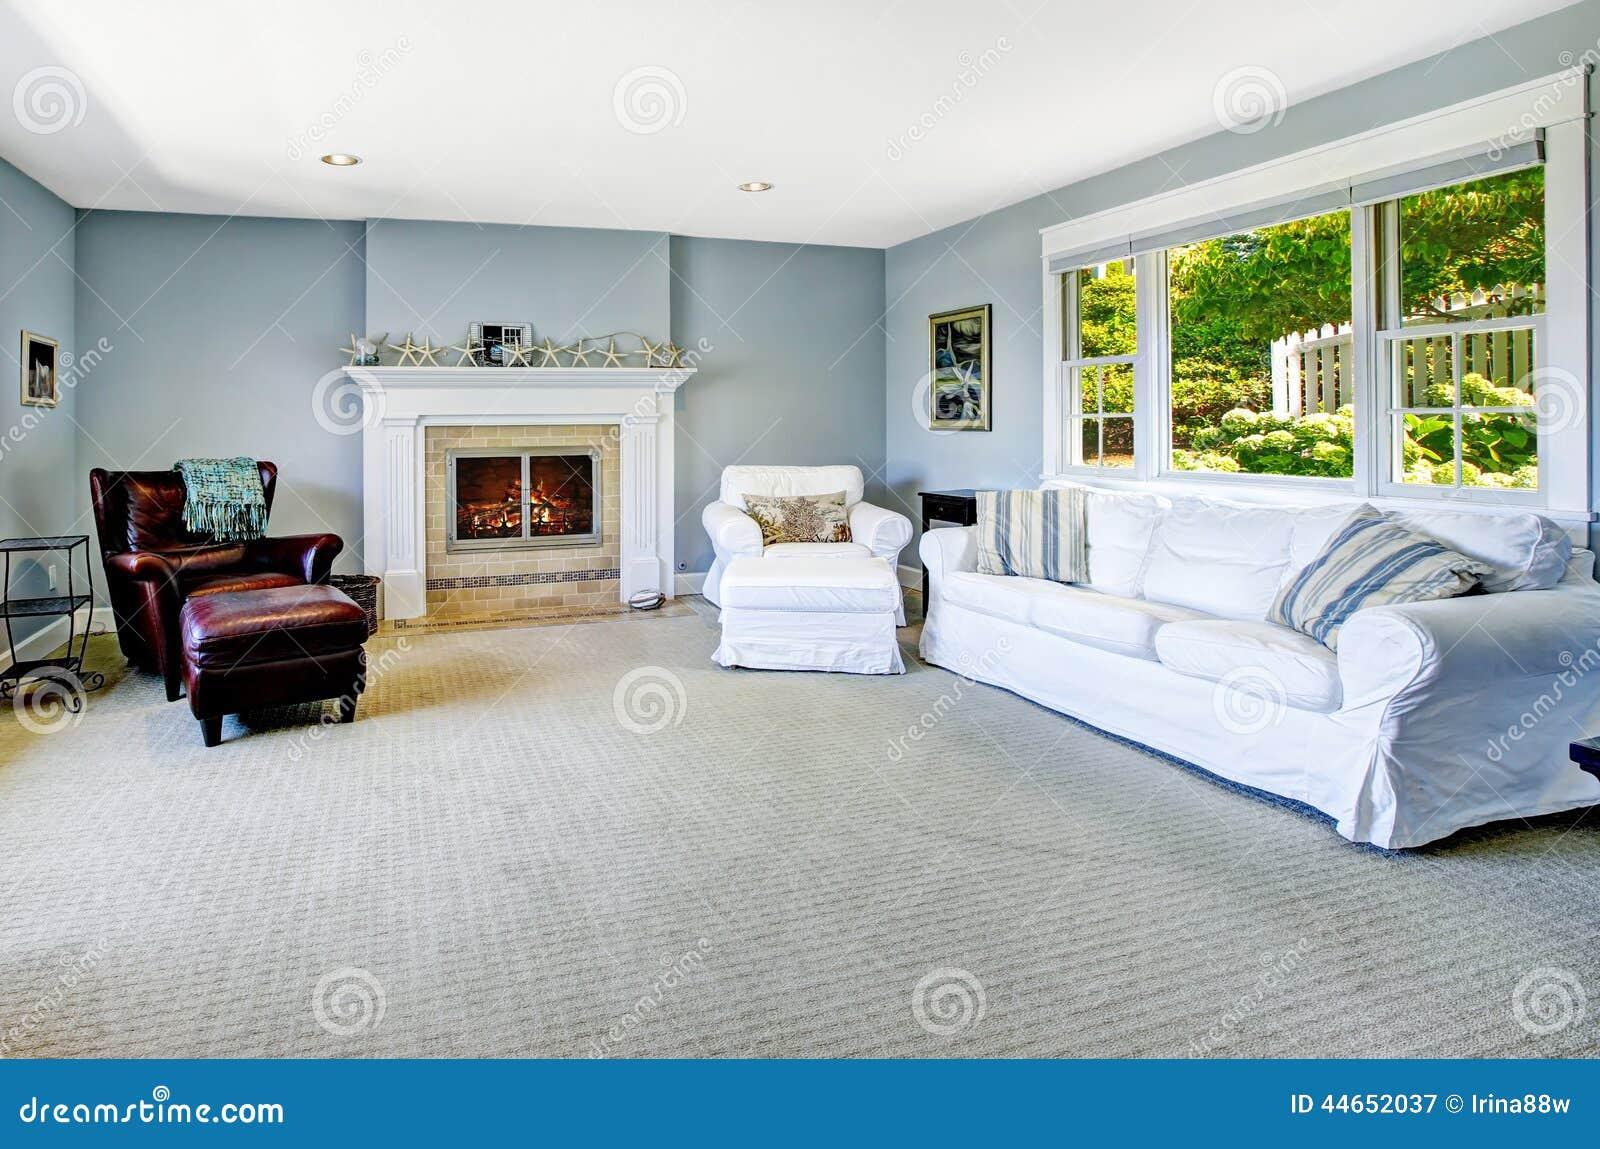 Fesselnde Hellblaues Sofa Sammlung Von Pattern Wohnzimmer Mit Weißem Und Kamin Stockbild